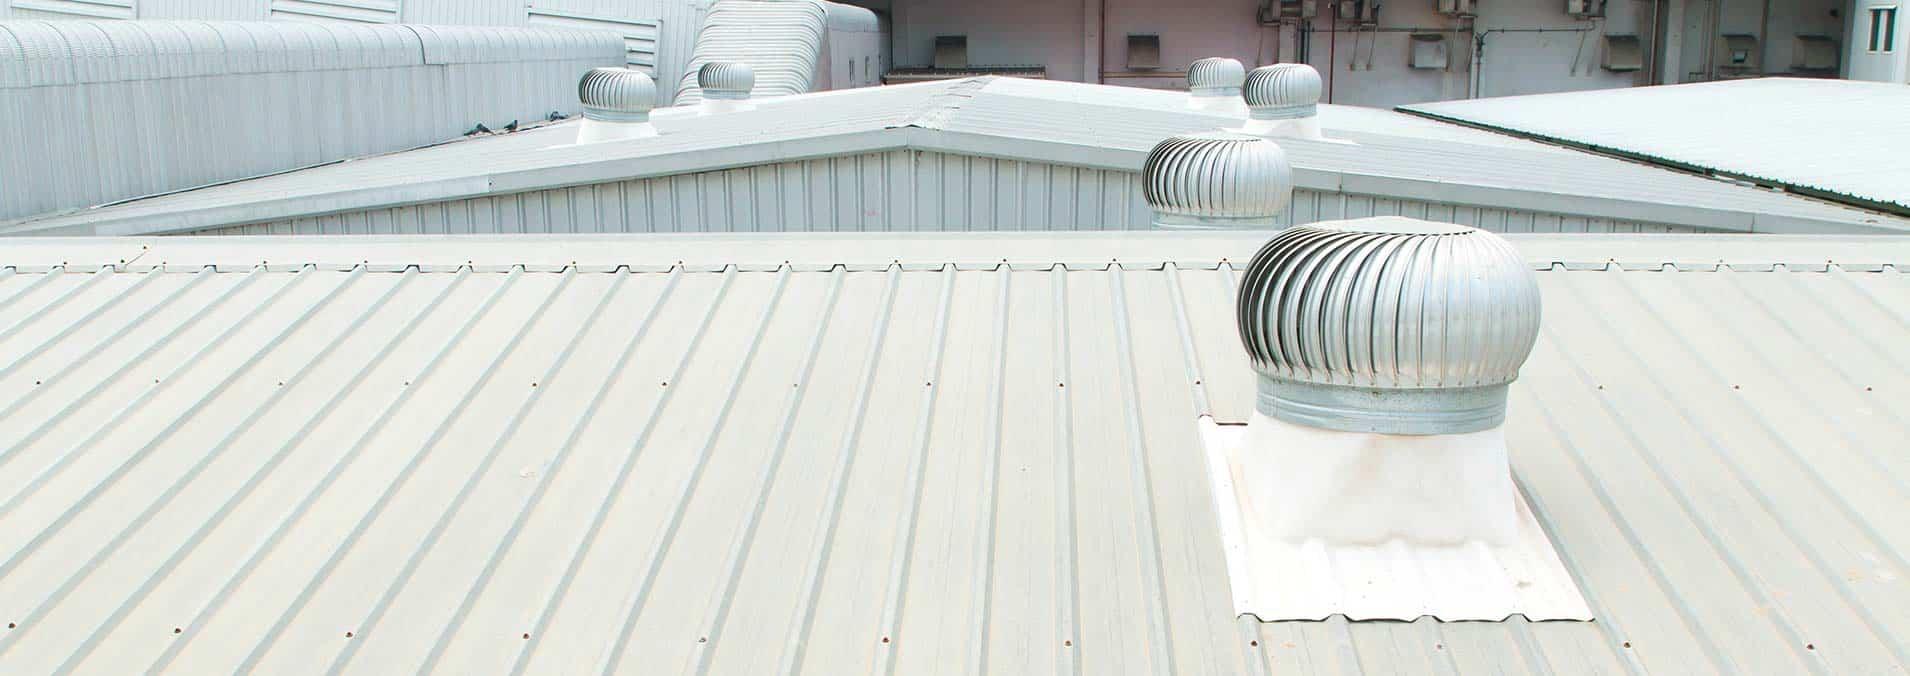 Metal Roof Repair Atlanta, GA